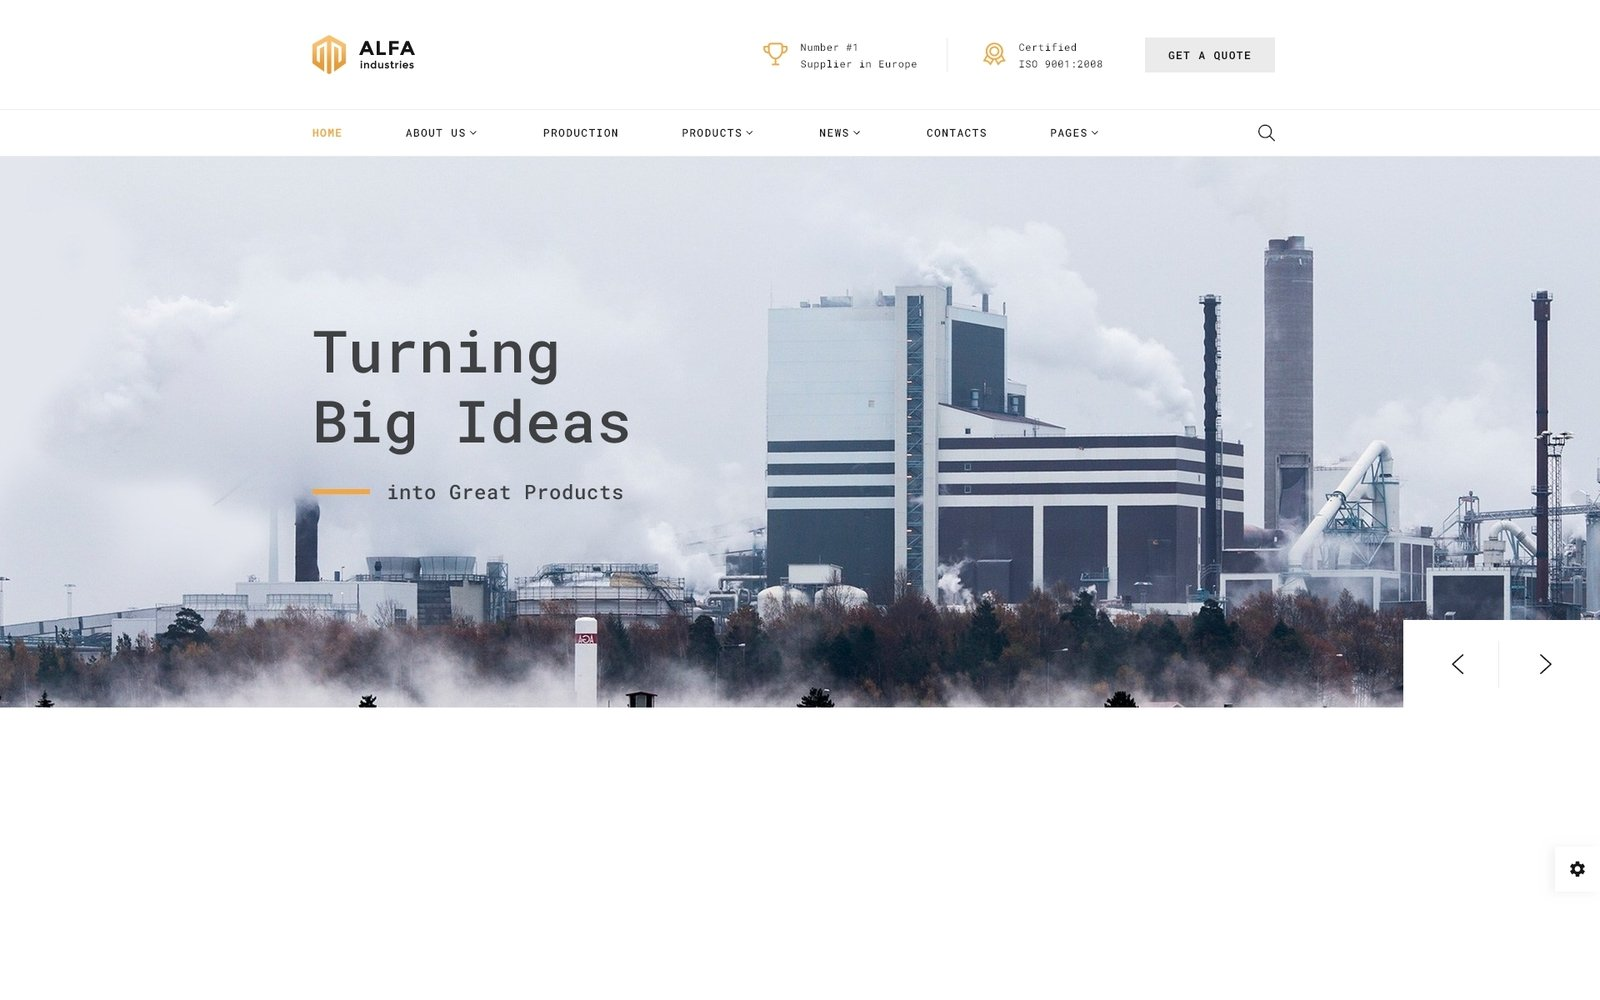 Responsywny szablon strony www Alfa Industries - Heavy Industries Multipage #61397 - zrzut ekranu